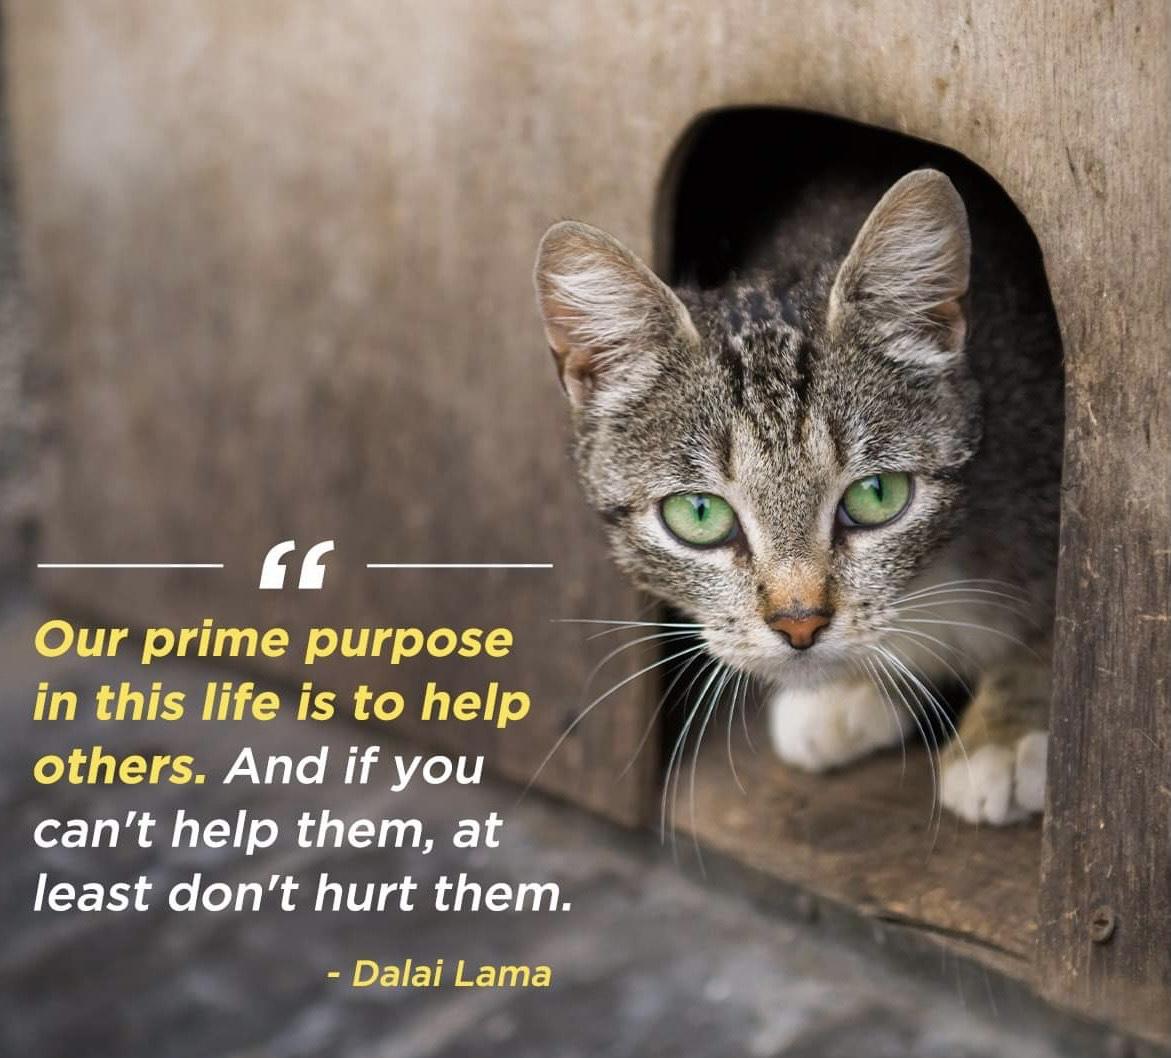 Prime Purpose image